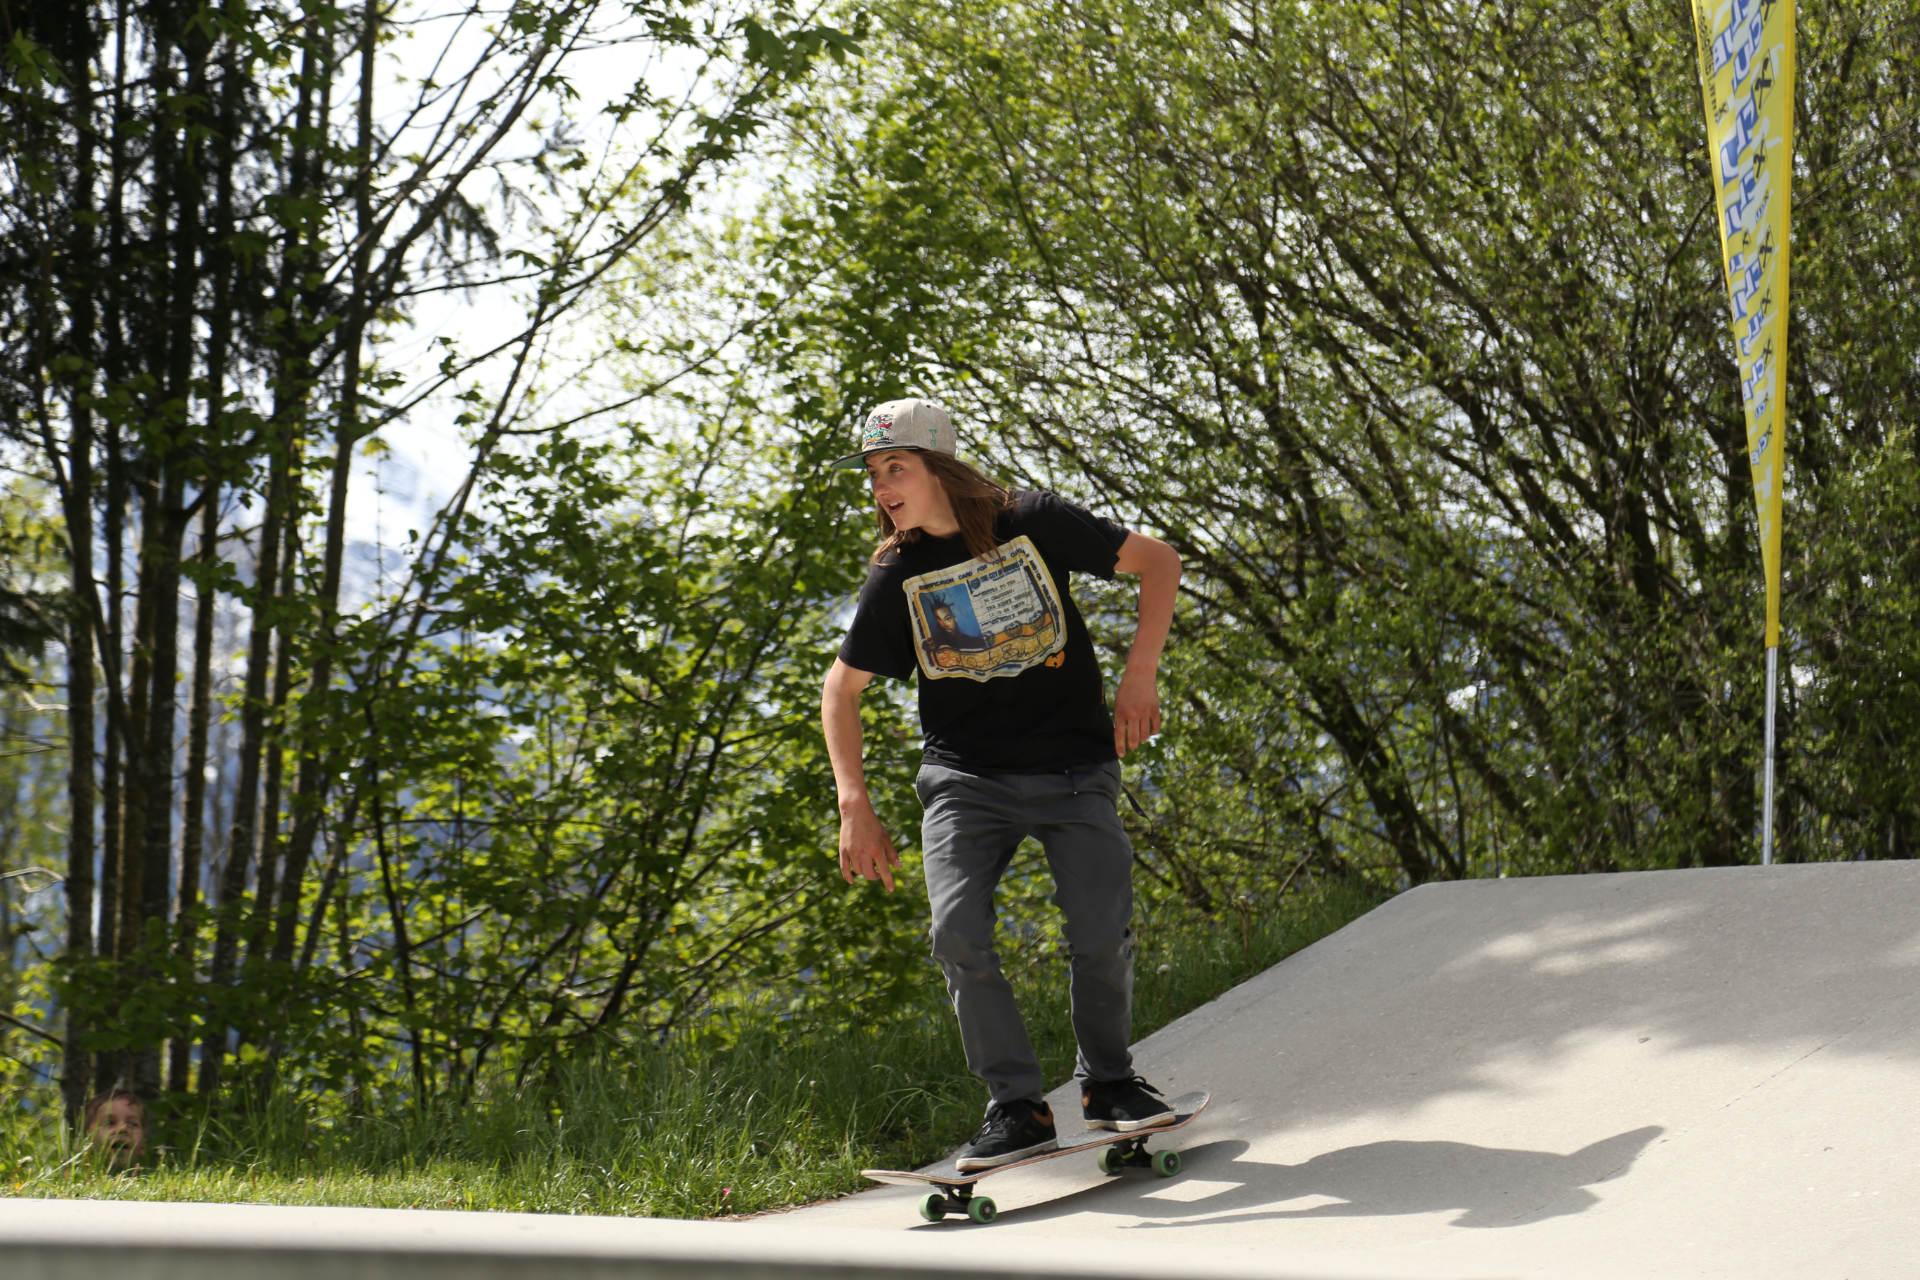 skateboard headz fieberbrunn kgt kitz gau trophy 2019 saalfelden hell00094